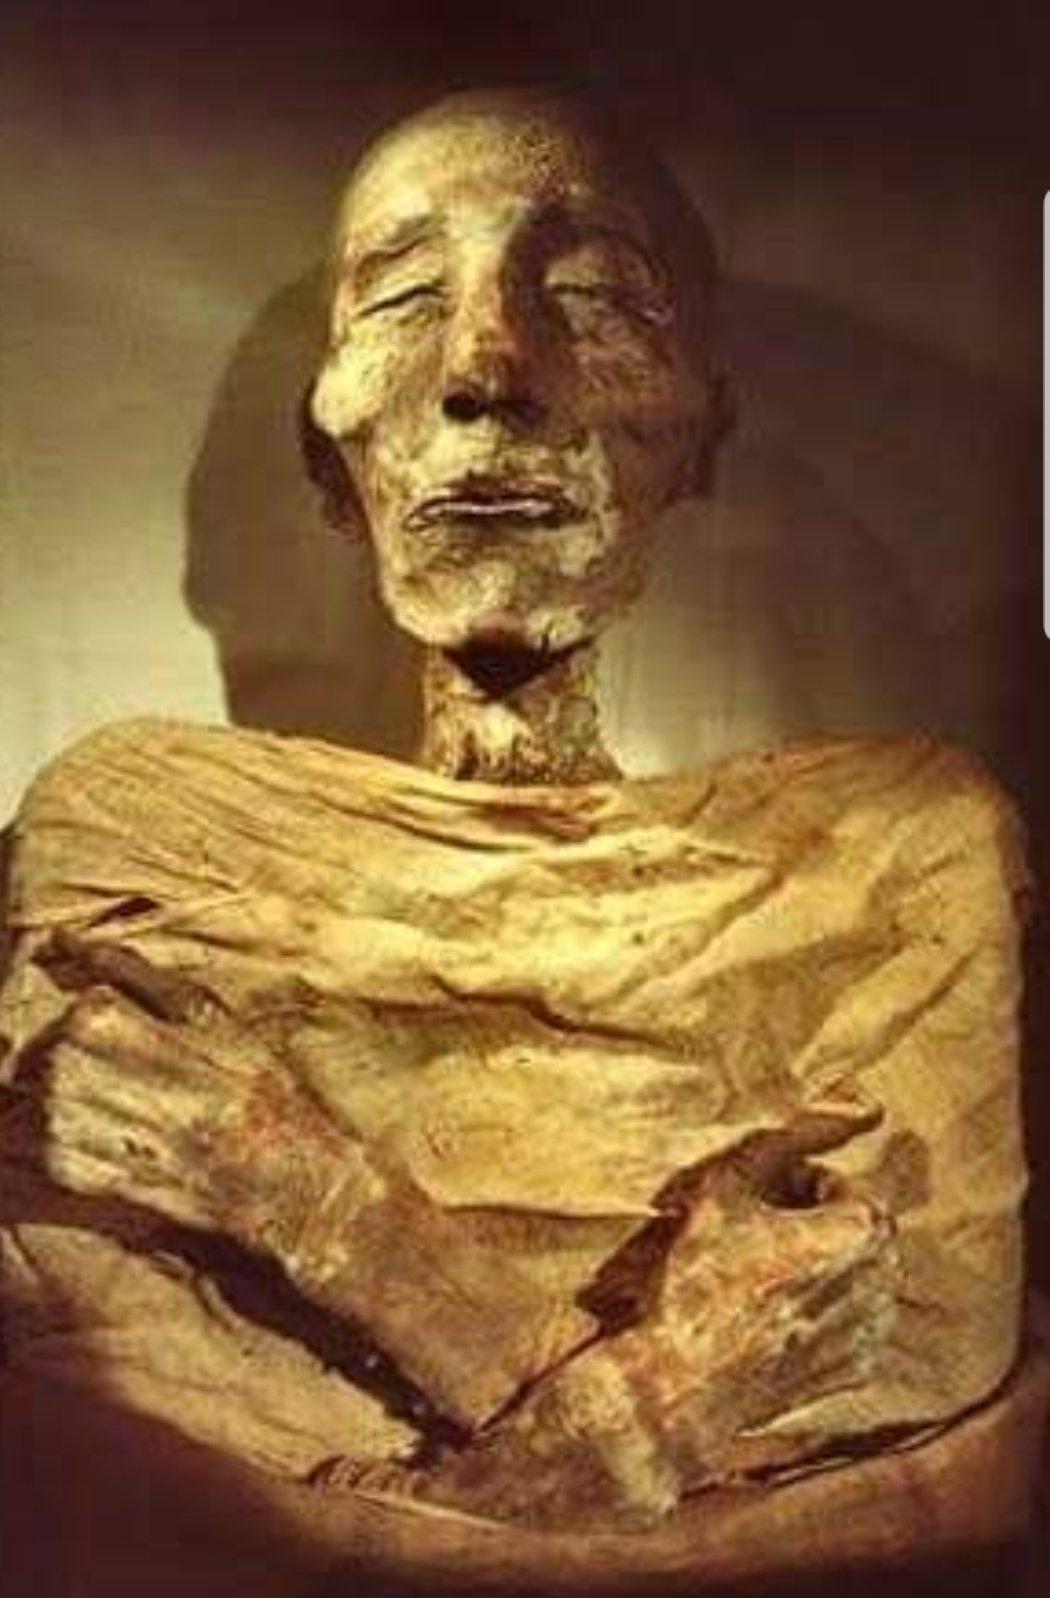 Raja Mesir Ketiga Dinasti-19: Wajah Culun Perilaku Bengis